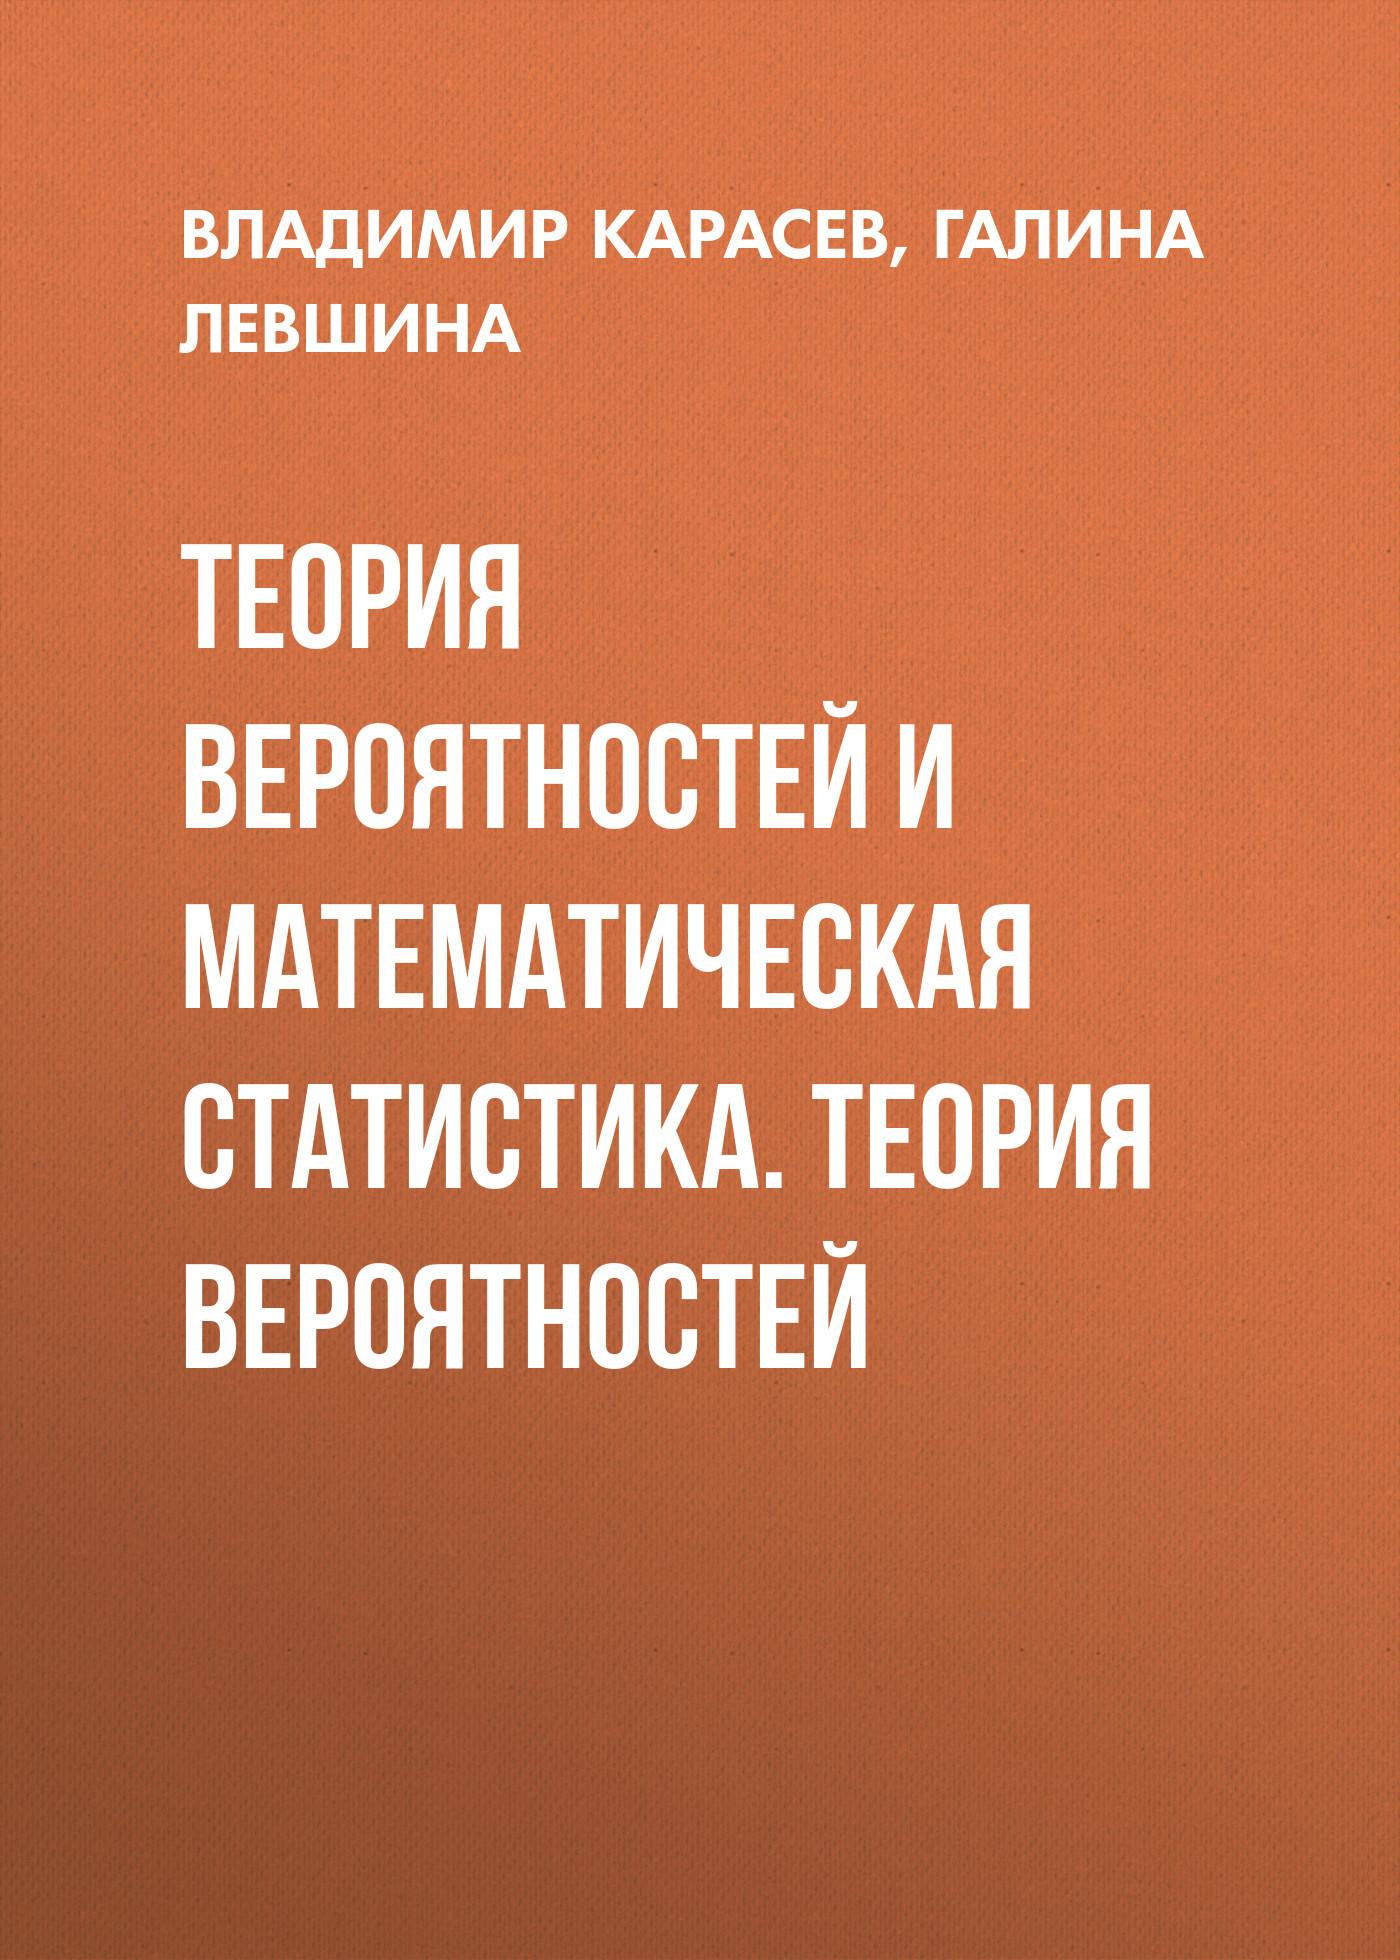 Владимир Карасев Теория вероятностей и математическая статистика. Теория вероятностей